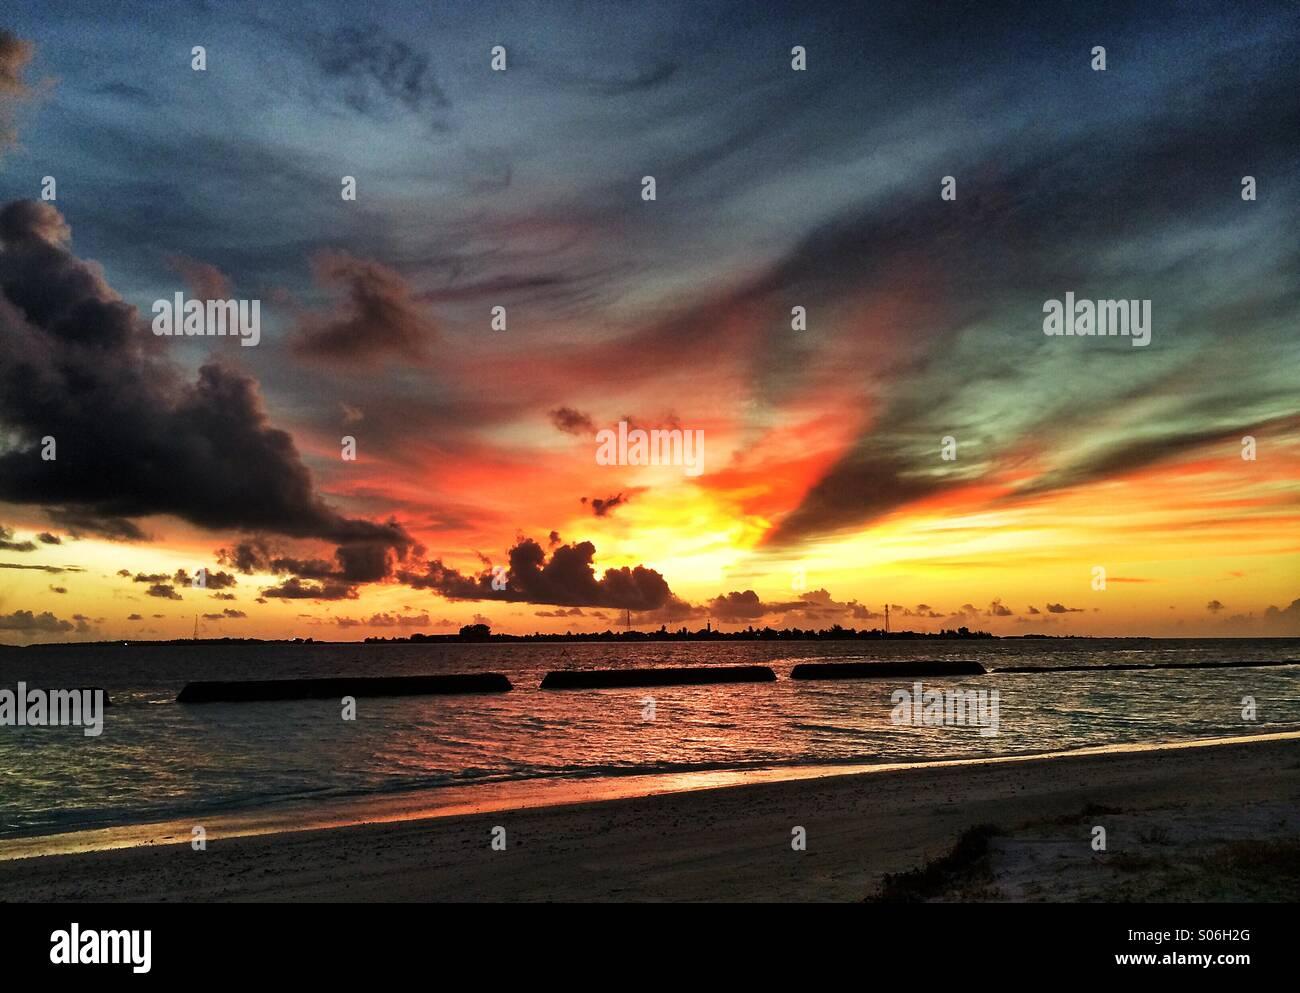 Puesta de sol de Maldivas Foto de stock